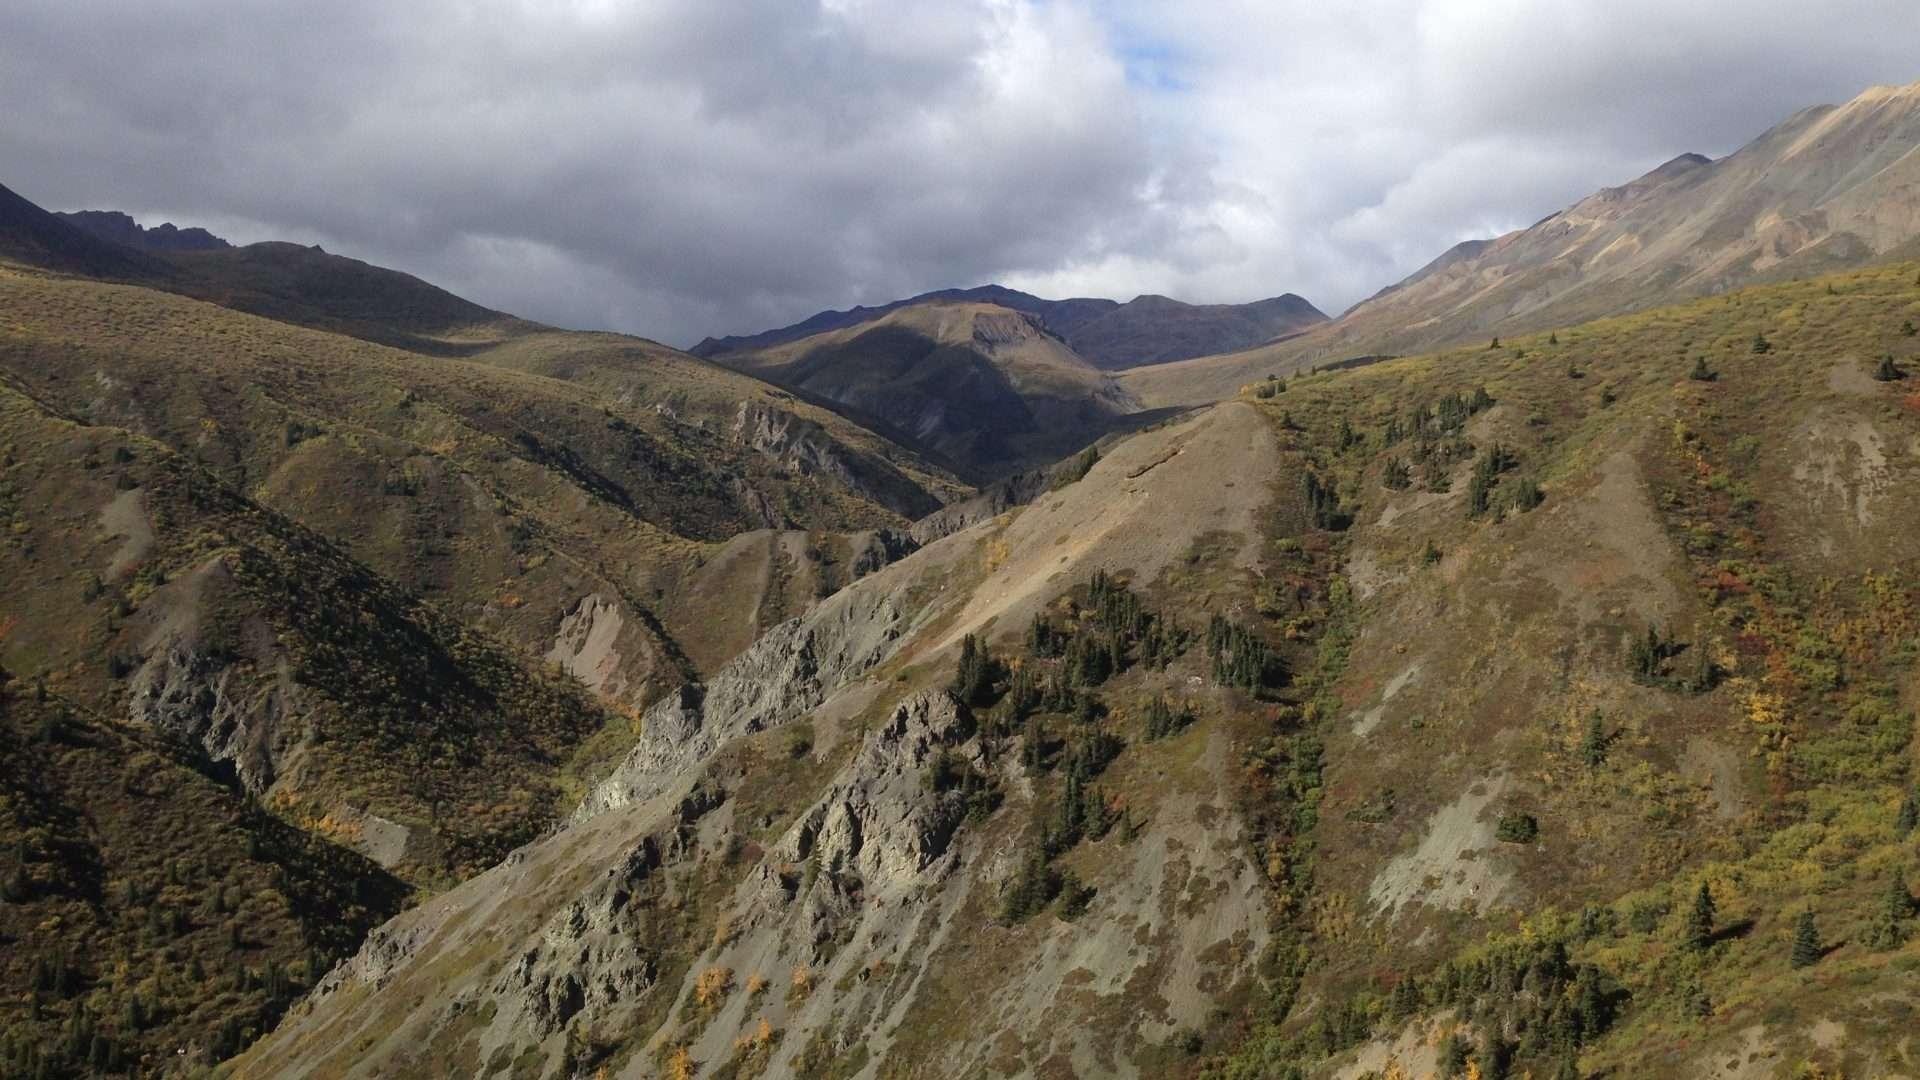 kluane park sheep creek hike